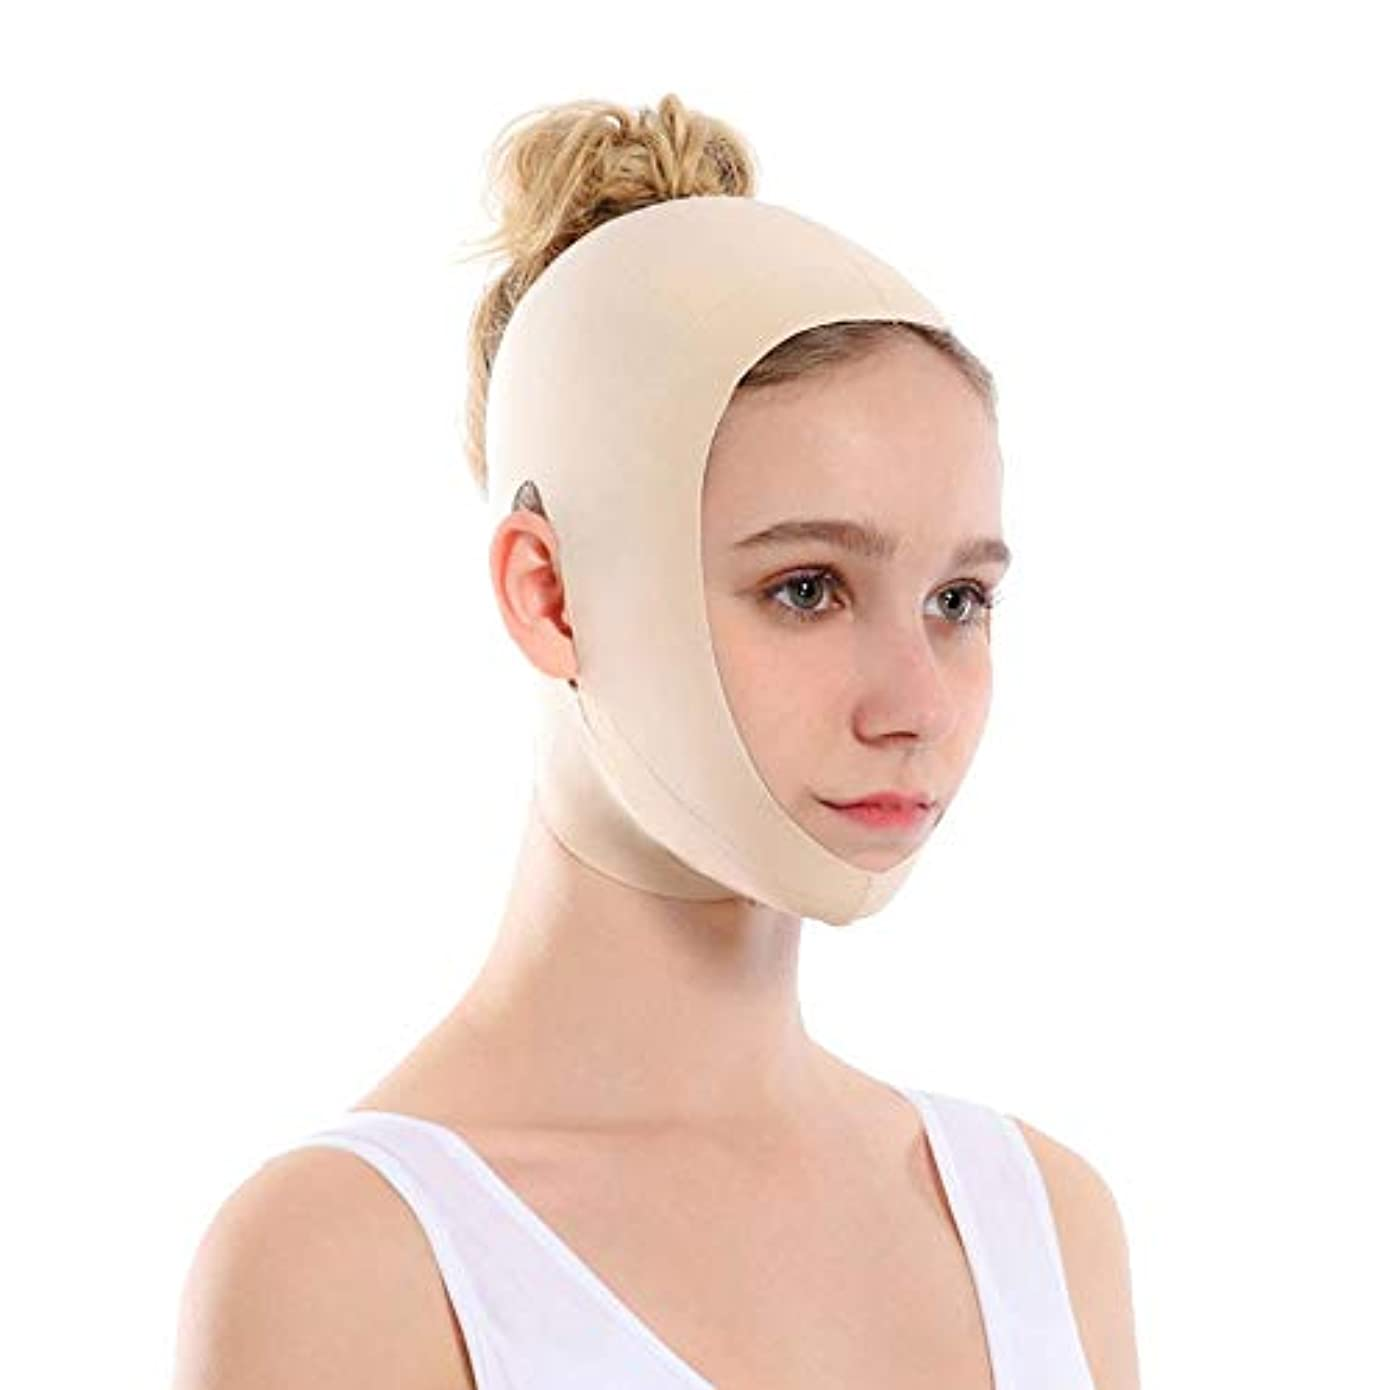 氏渇き悲惨なGYZ 顔を持ち上げるアーティファクトVフェイス包帯リフティング引き締め睡眠薄い顔を整形持ち上げる顔を二重あご矯正 - 肌の色 Thin Face Belt